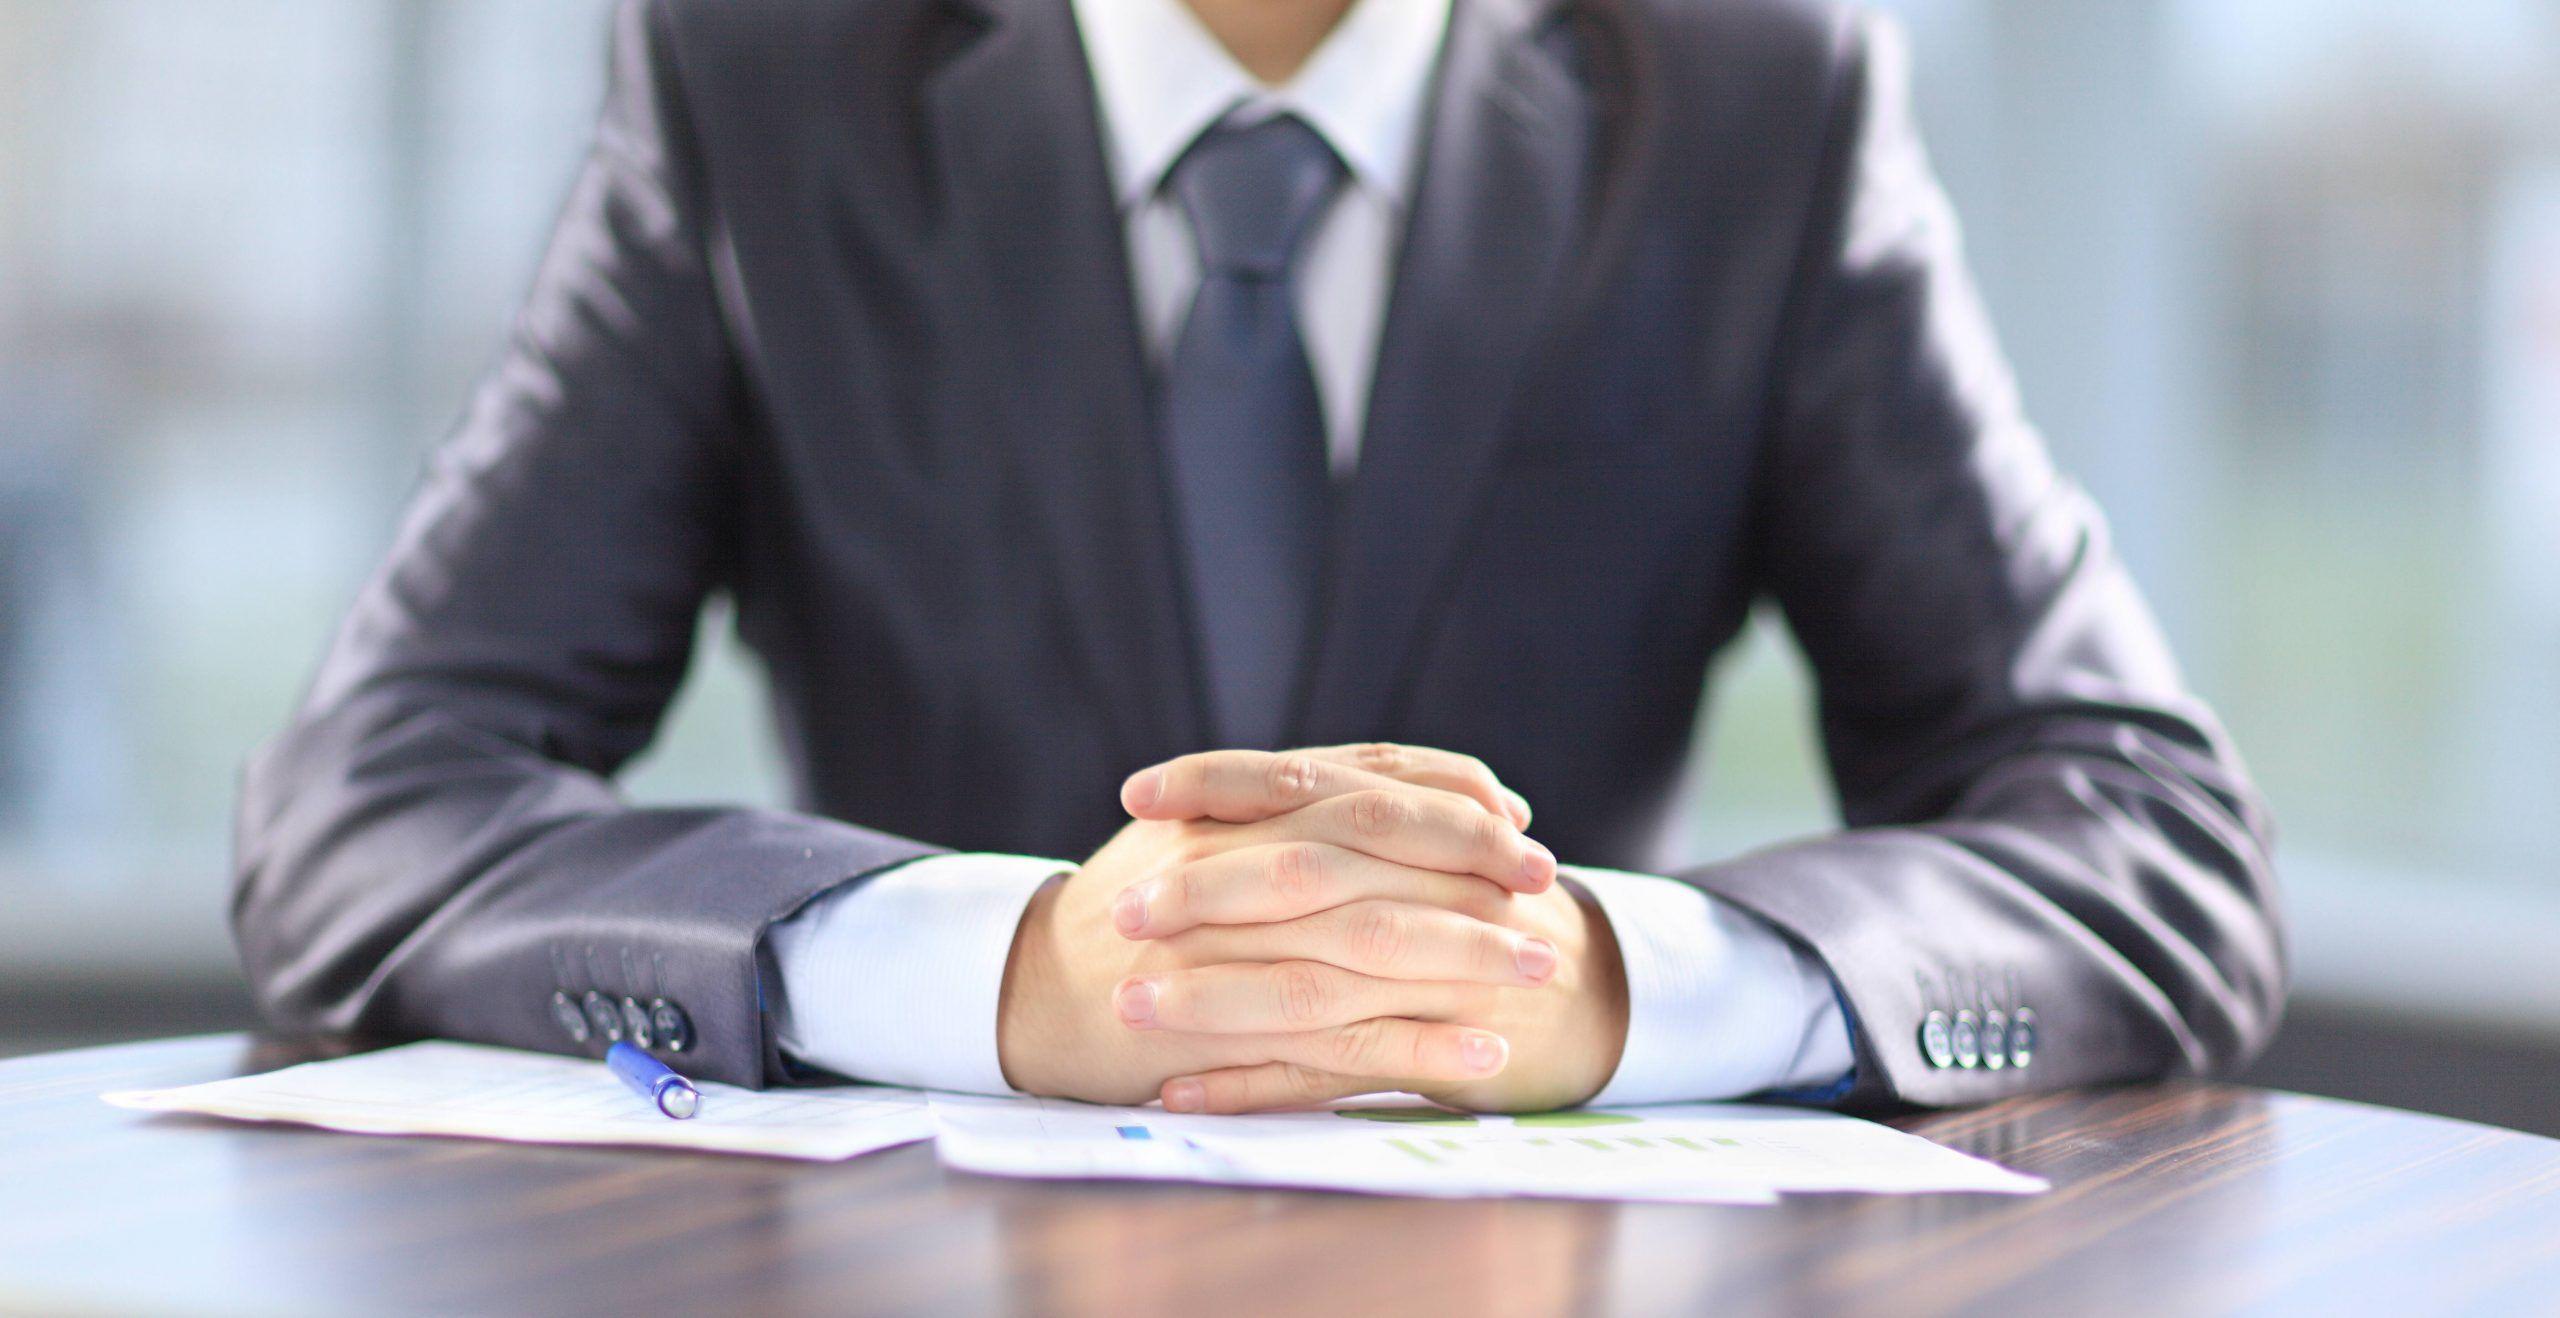 Come diventare una persona di successo: i nove consigli da seguire secondo Forbes